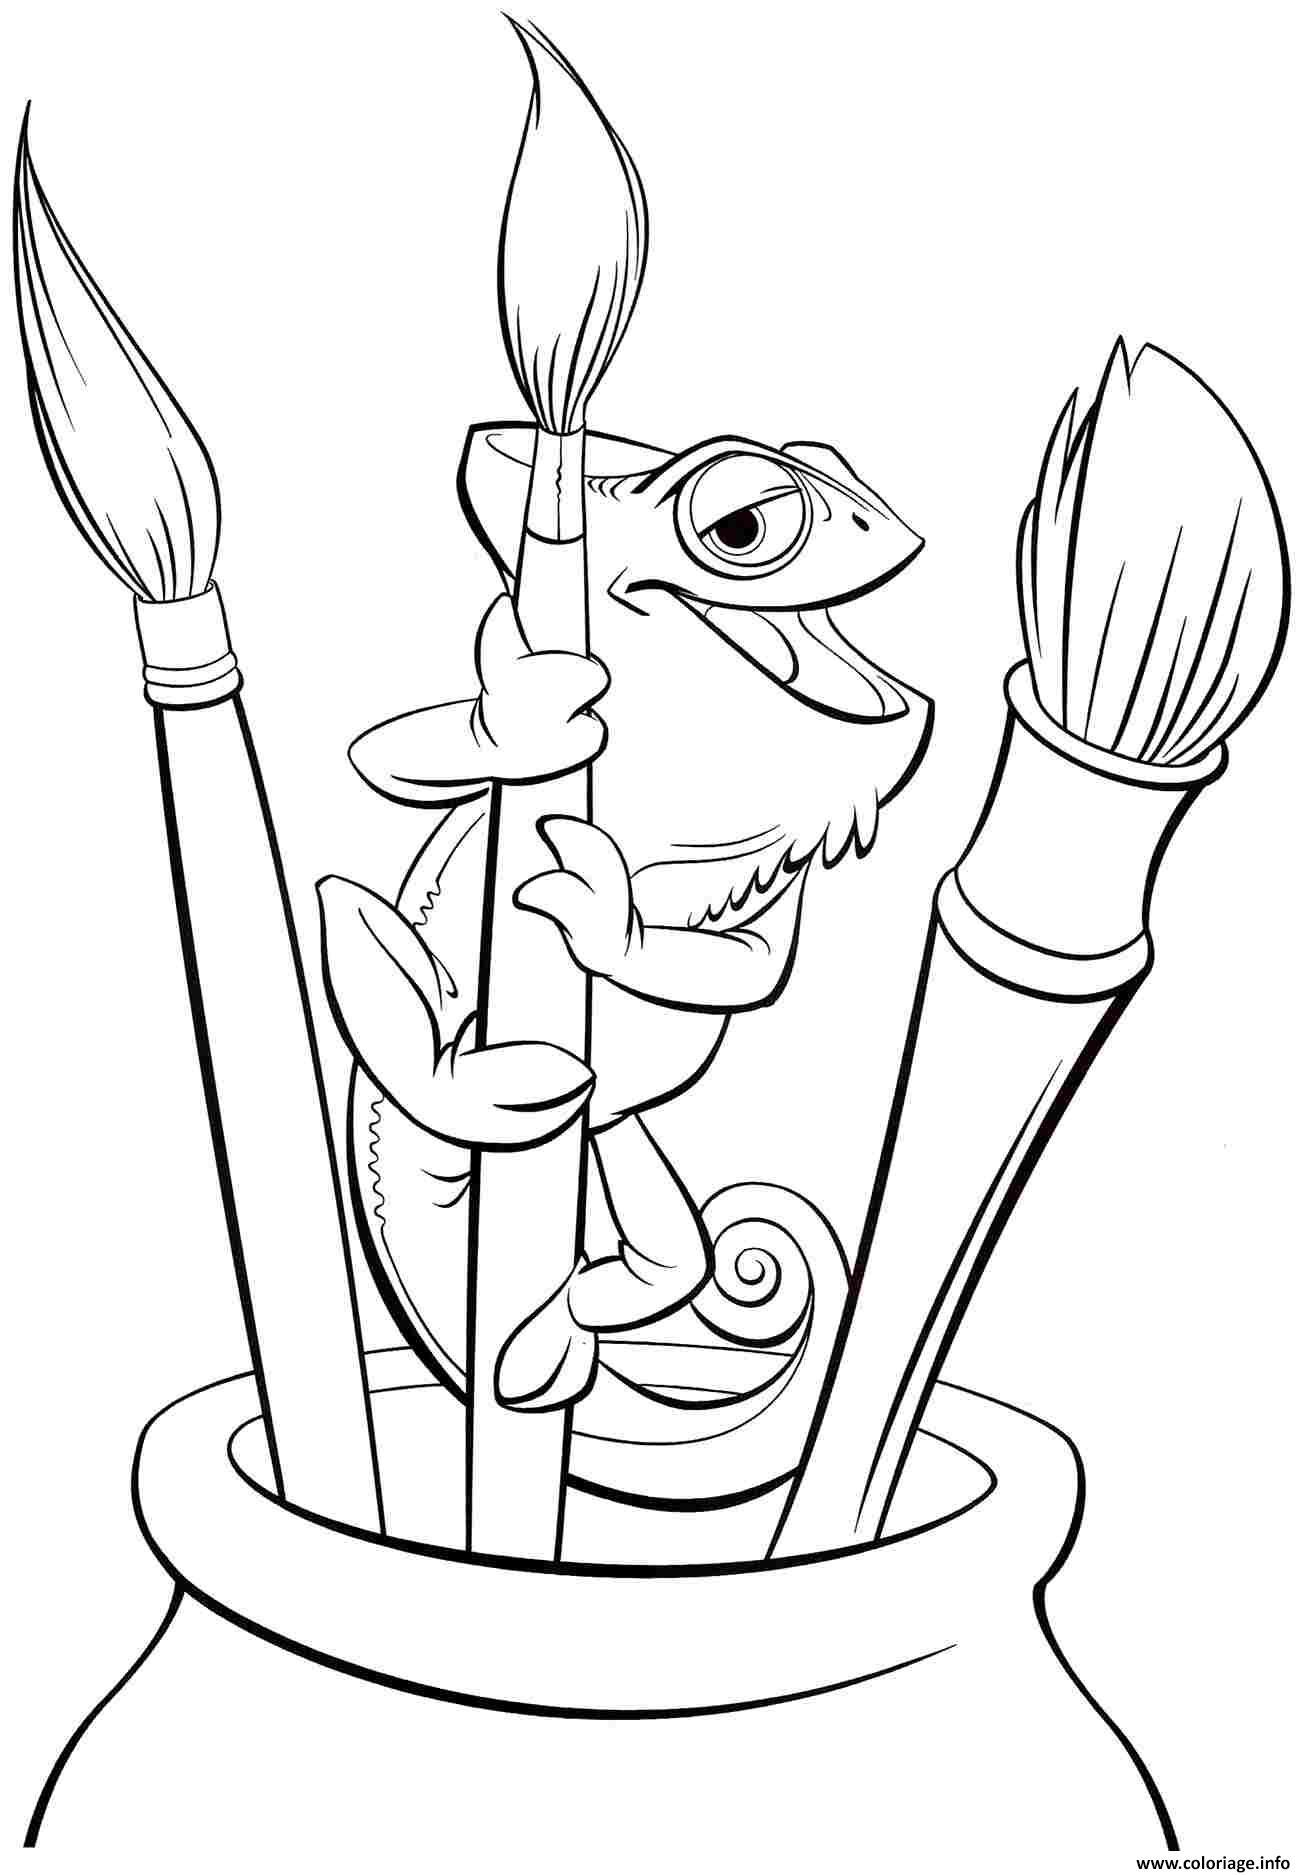 Coloriage raiponce pascal aime la peinture dessin - Dessin a colorier de dora ...